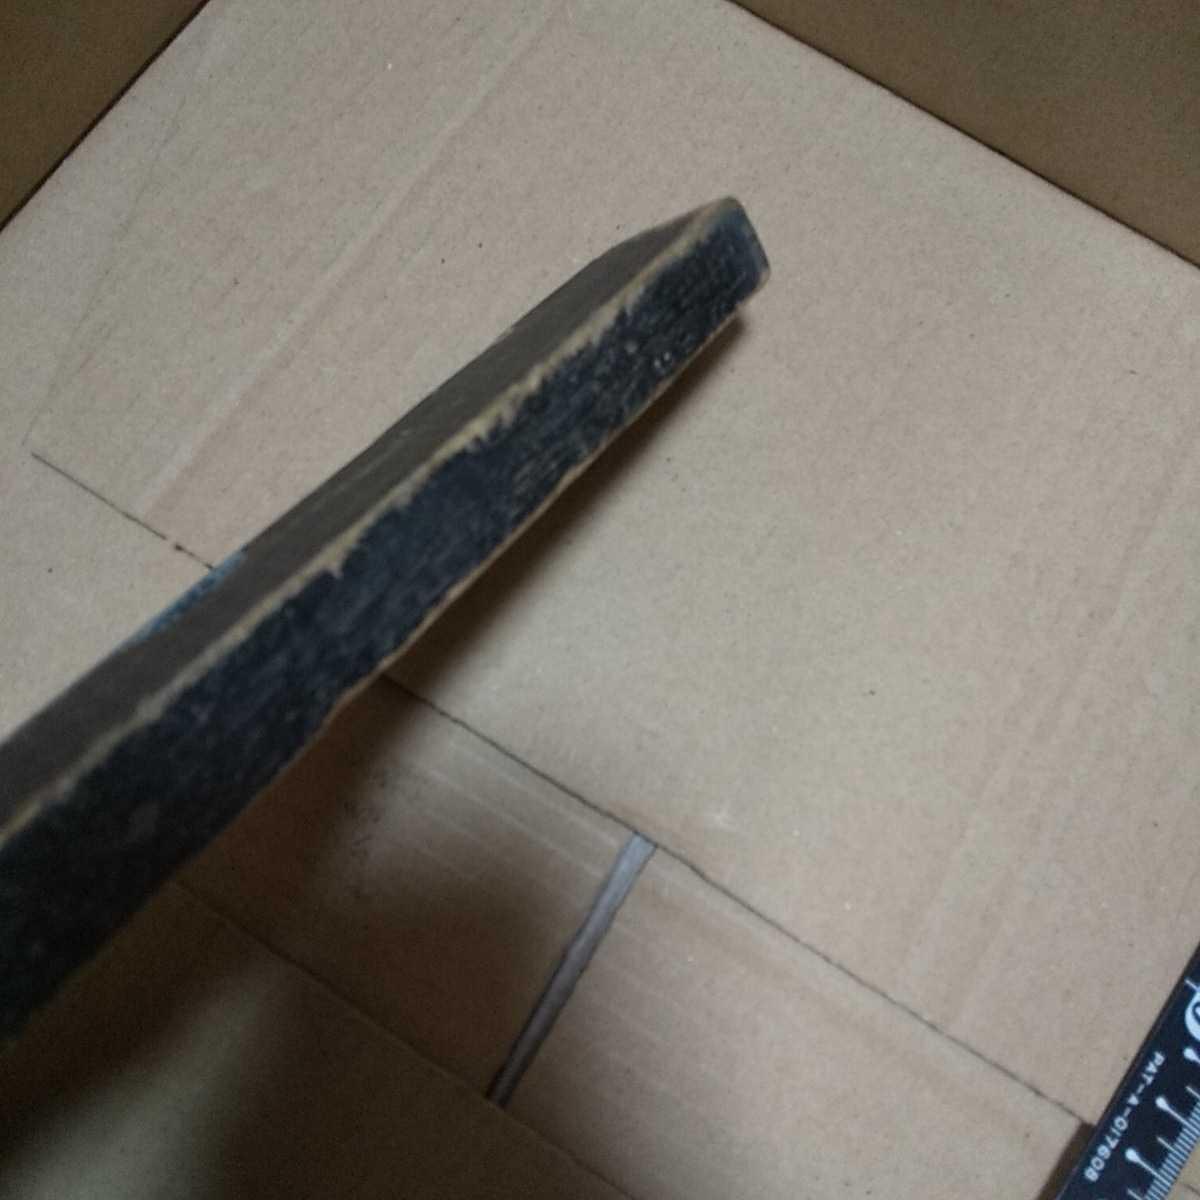 大工道具 アンティーク 水平器 ジャンク 昭和 レトロ 古い コレクション 古道具 送料無料_画像5